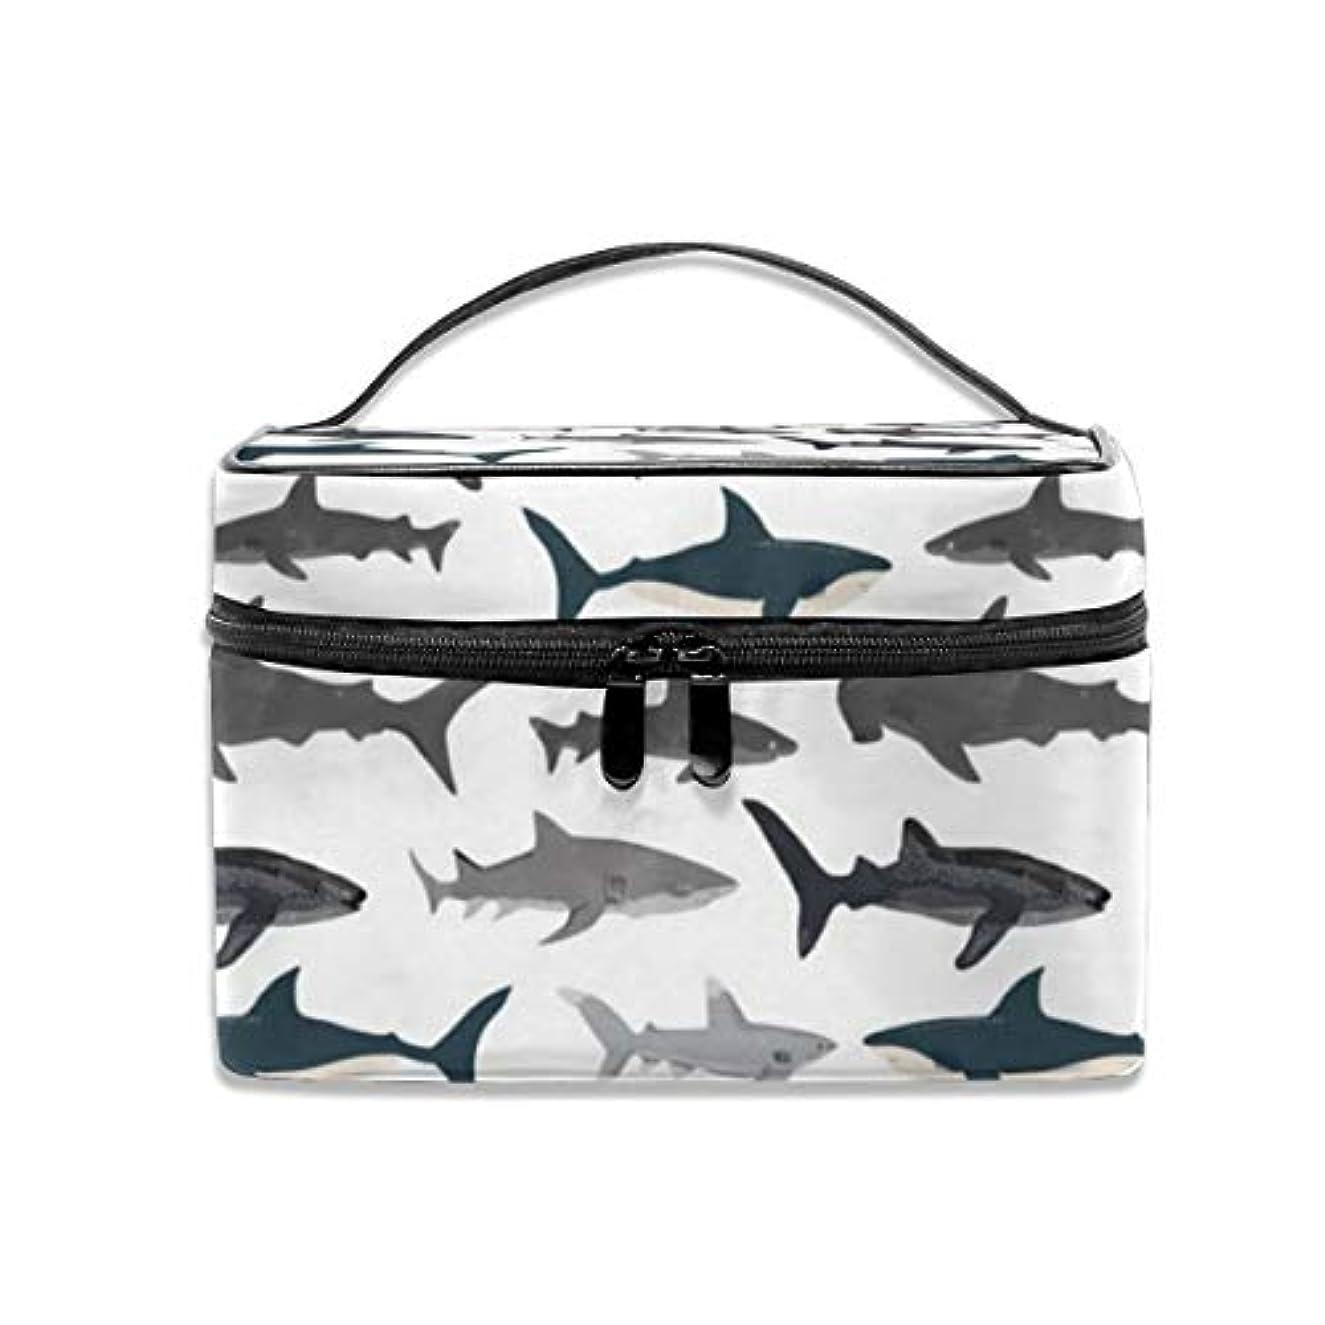 白菜怠惰専門サメ柄 化粧ポーチ 化粧品バッグ 化粧品収納バッグ 収納バッグ 防水ウォッシュバッグ ポータブル 持ち運び便利 大容量 軽量 ユニセックス 旅行する